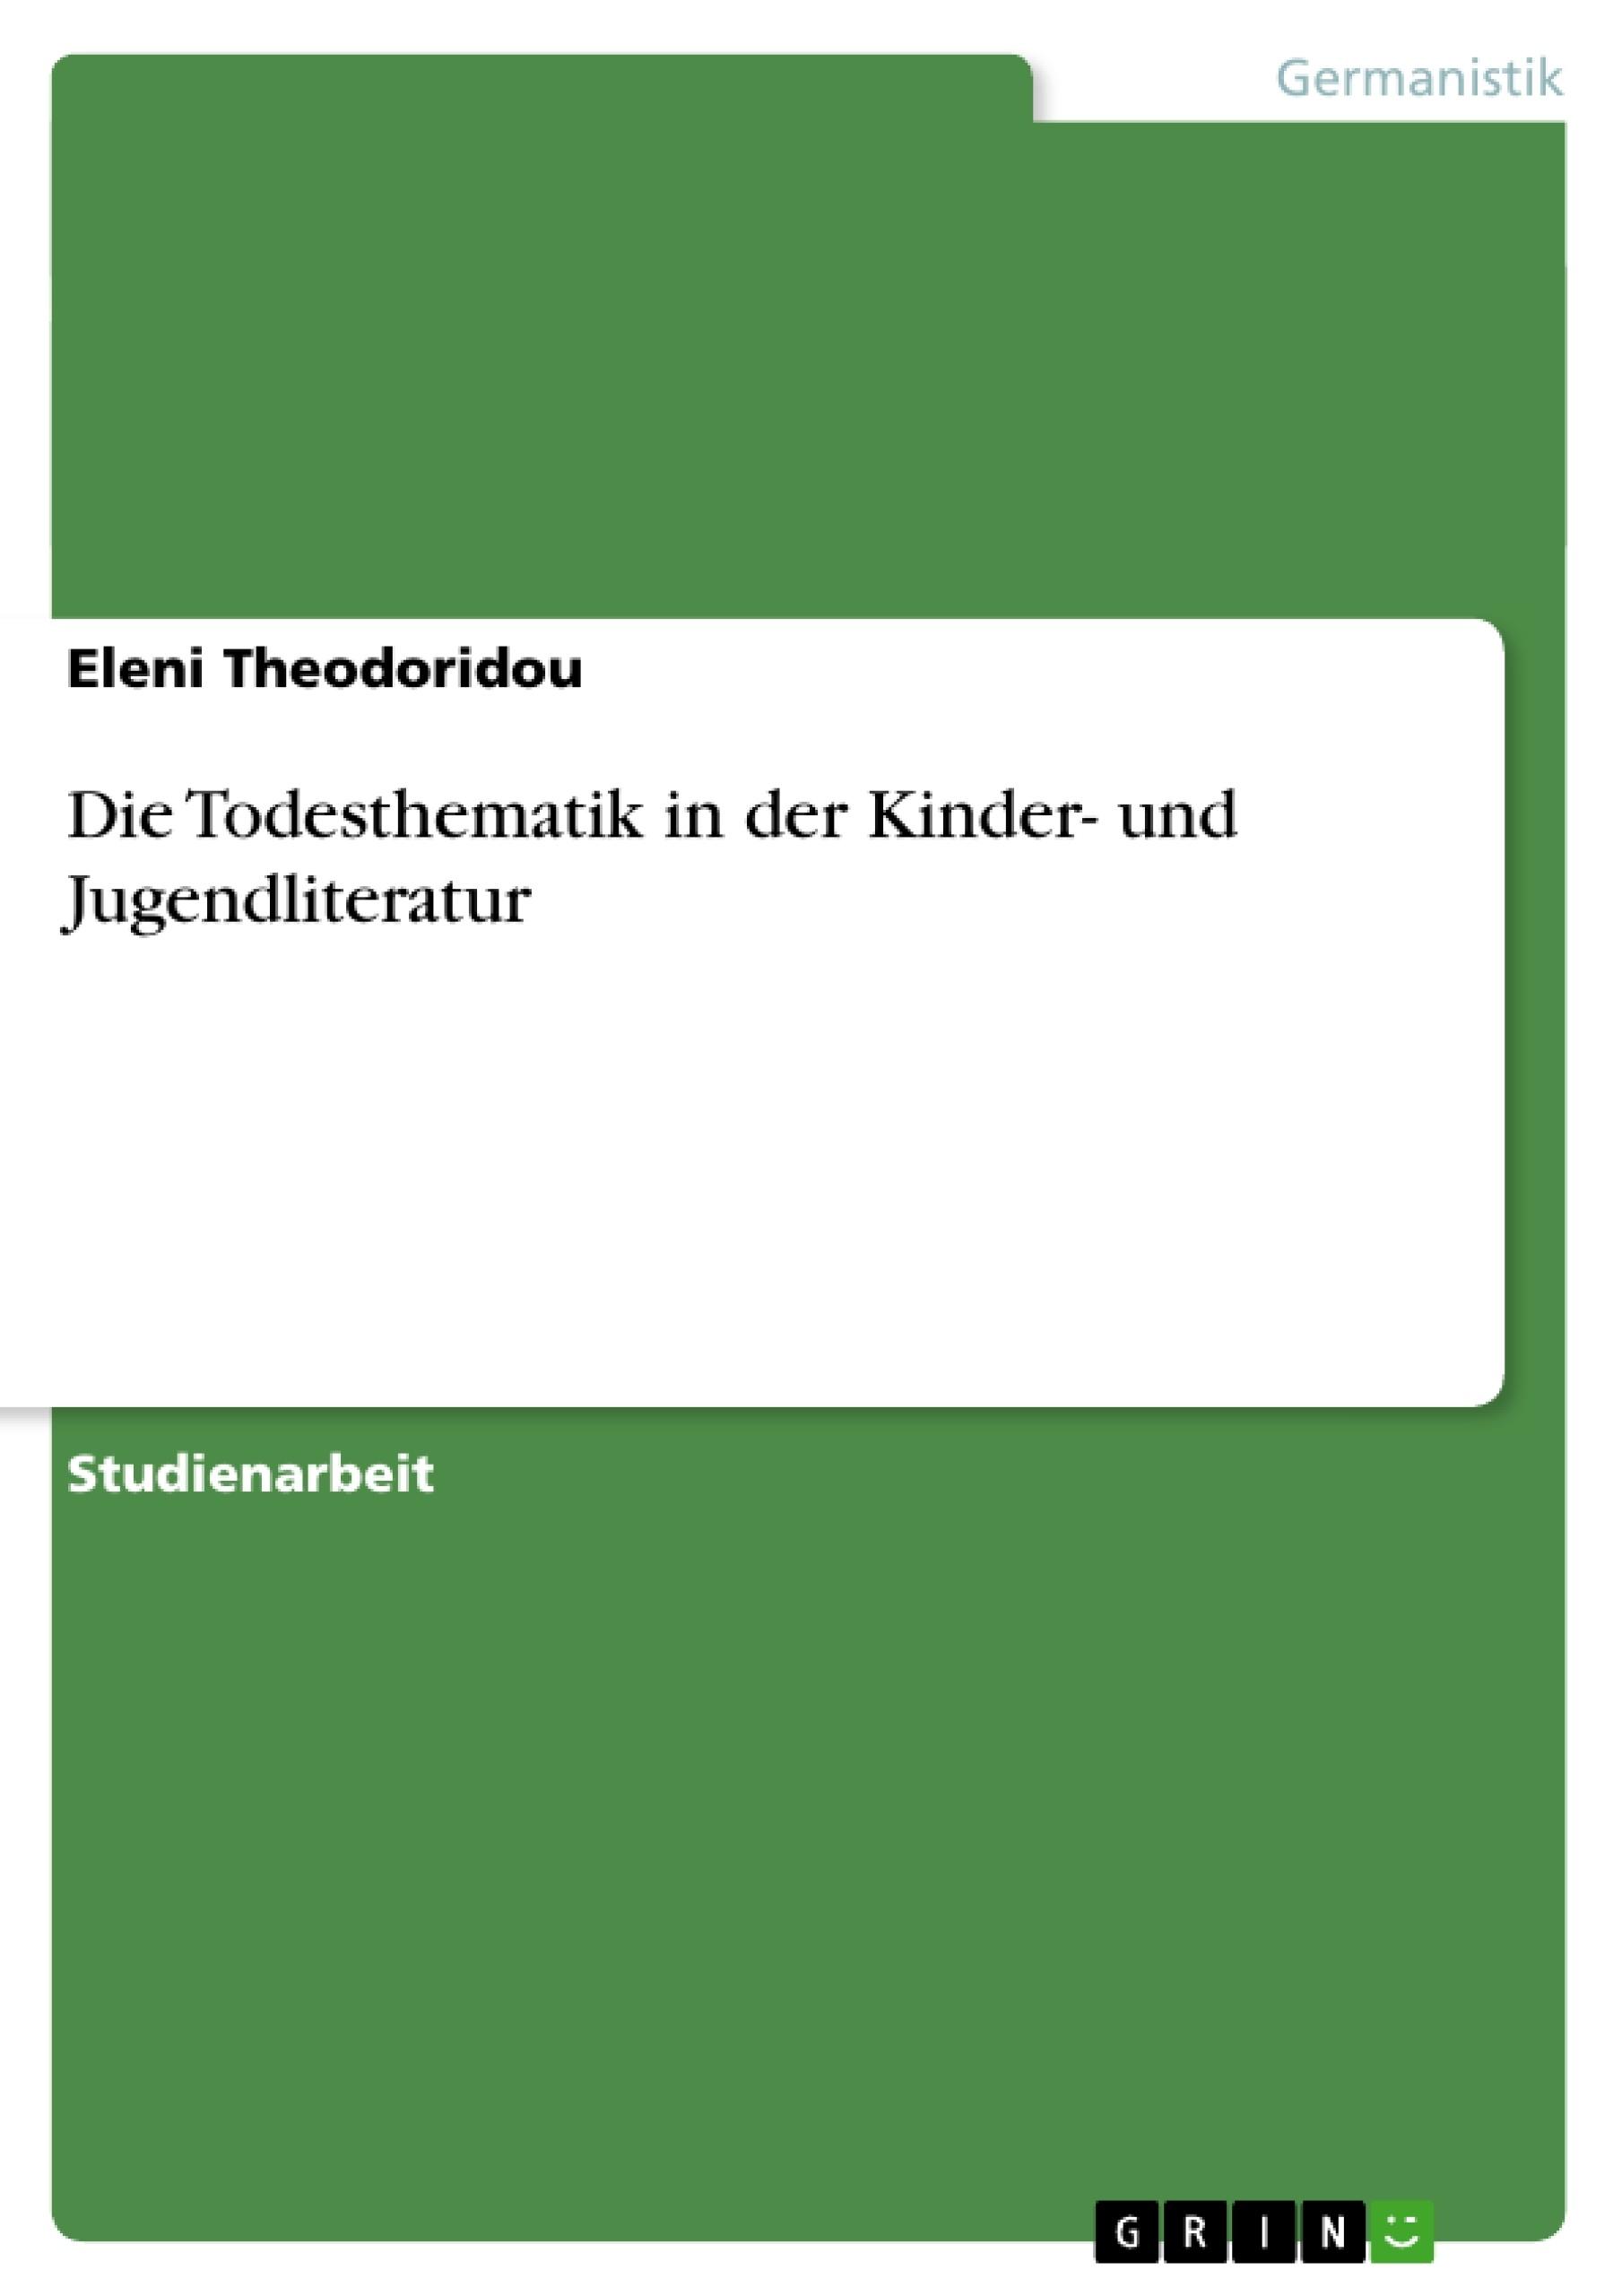 Titel: Die Todesthematik in der Kinder-  und Jugendliteratur